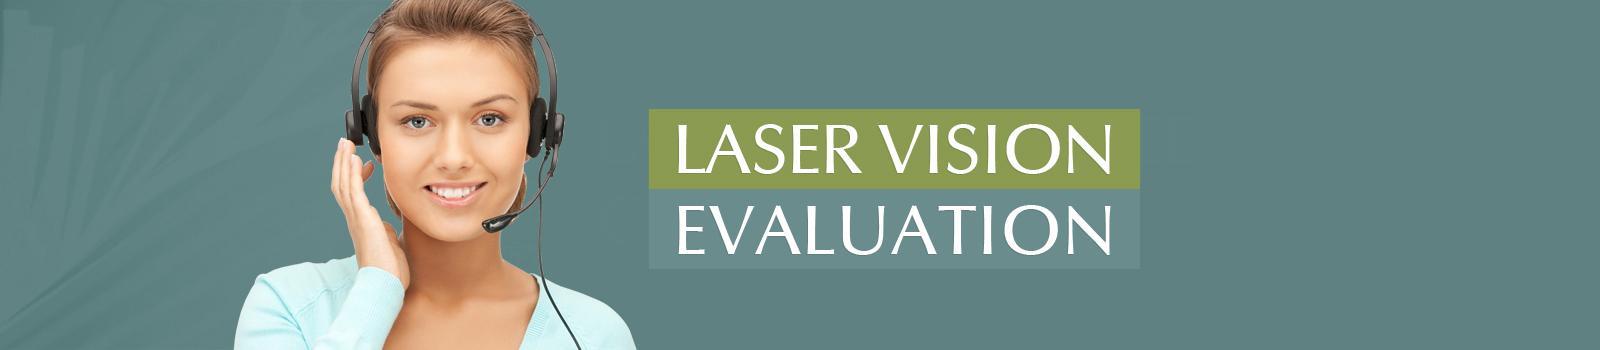 Laser Vision Evaluation